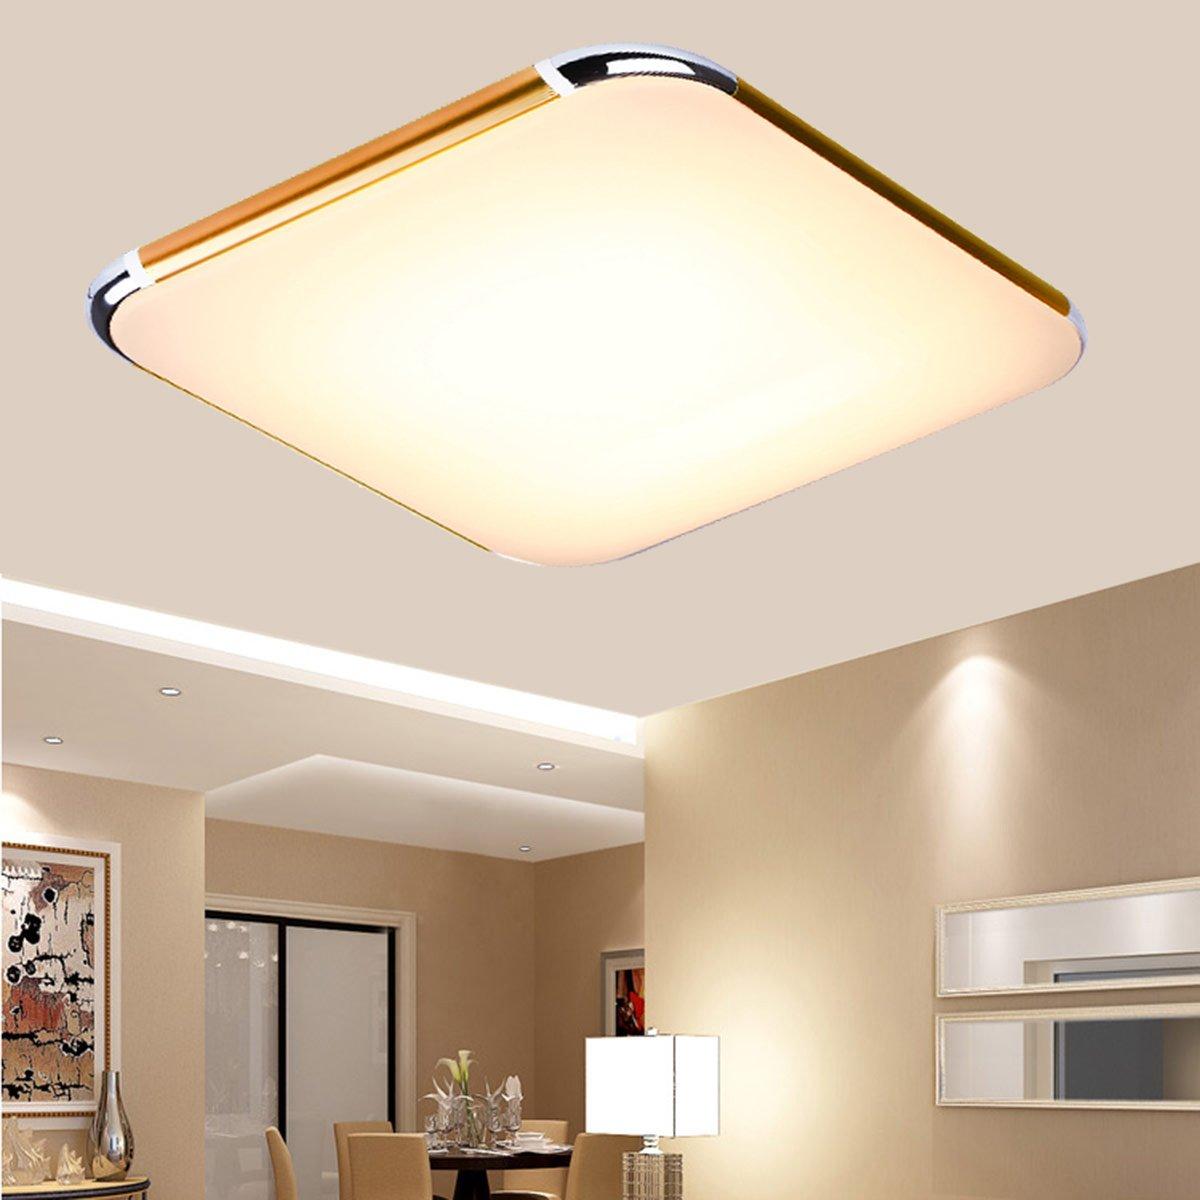 FLOUREON 30 36W RGB LED Deckenleuchte Deckenlampe Wandlampe Dimmbar Moderne Wohnzimmerlampe Mit Fernbedienung 29 Zoll 2200LM 100240V Farbwechsel Lampe Fr